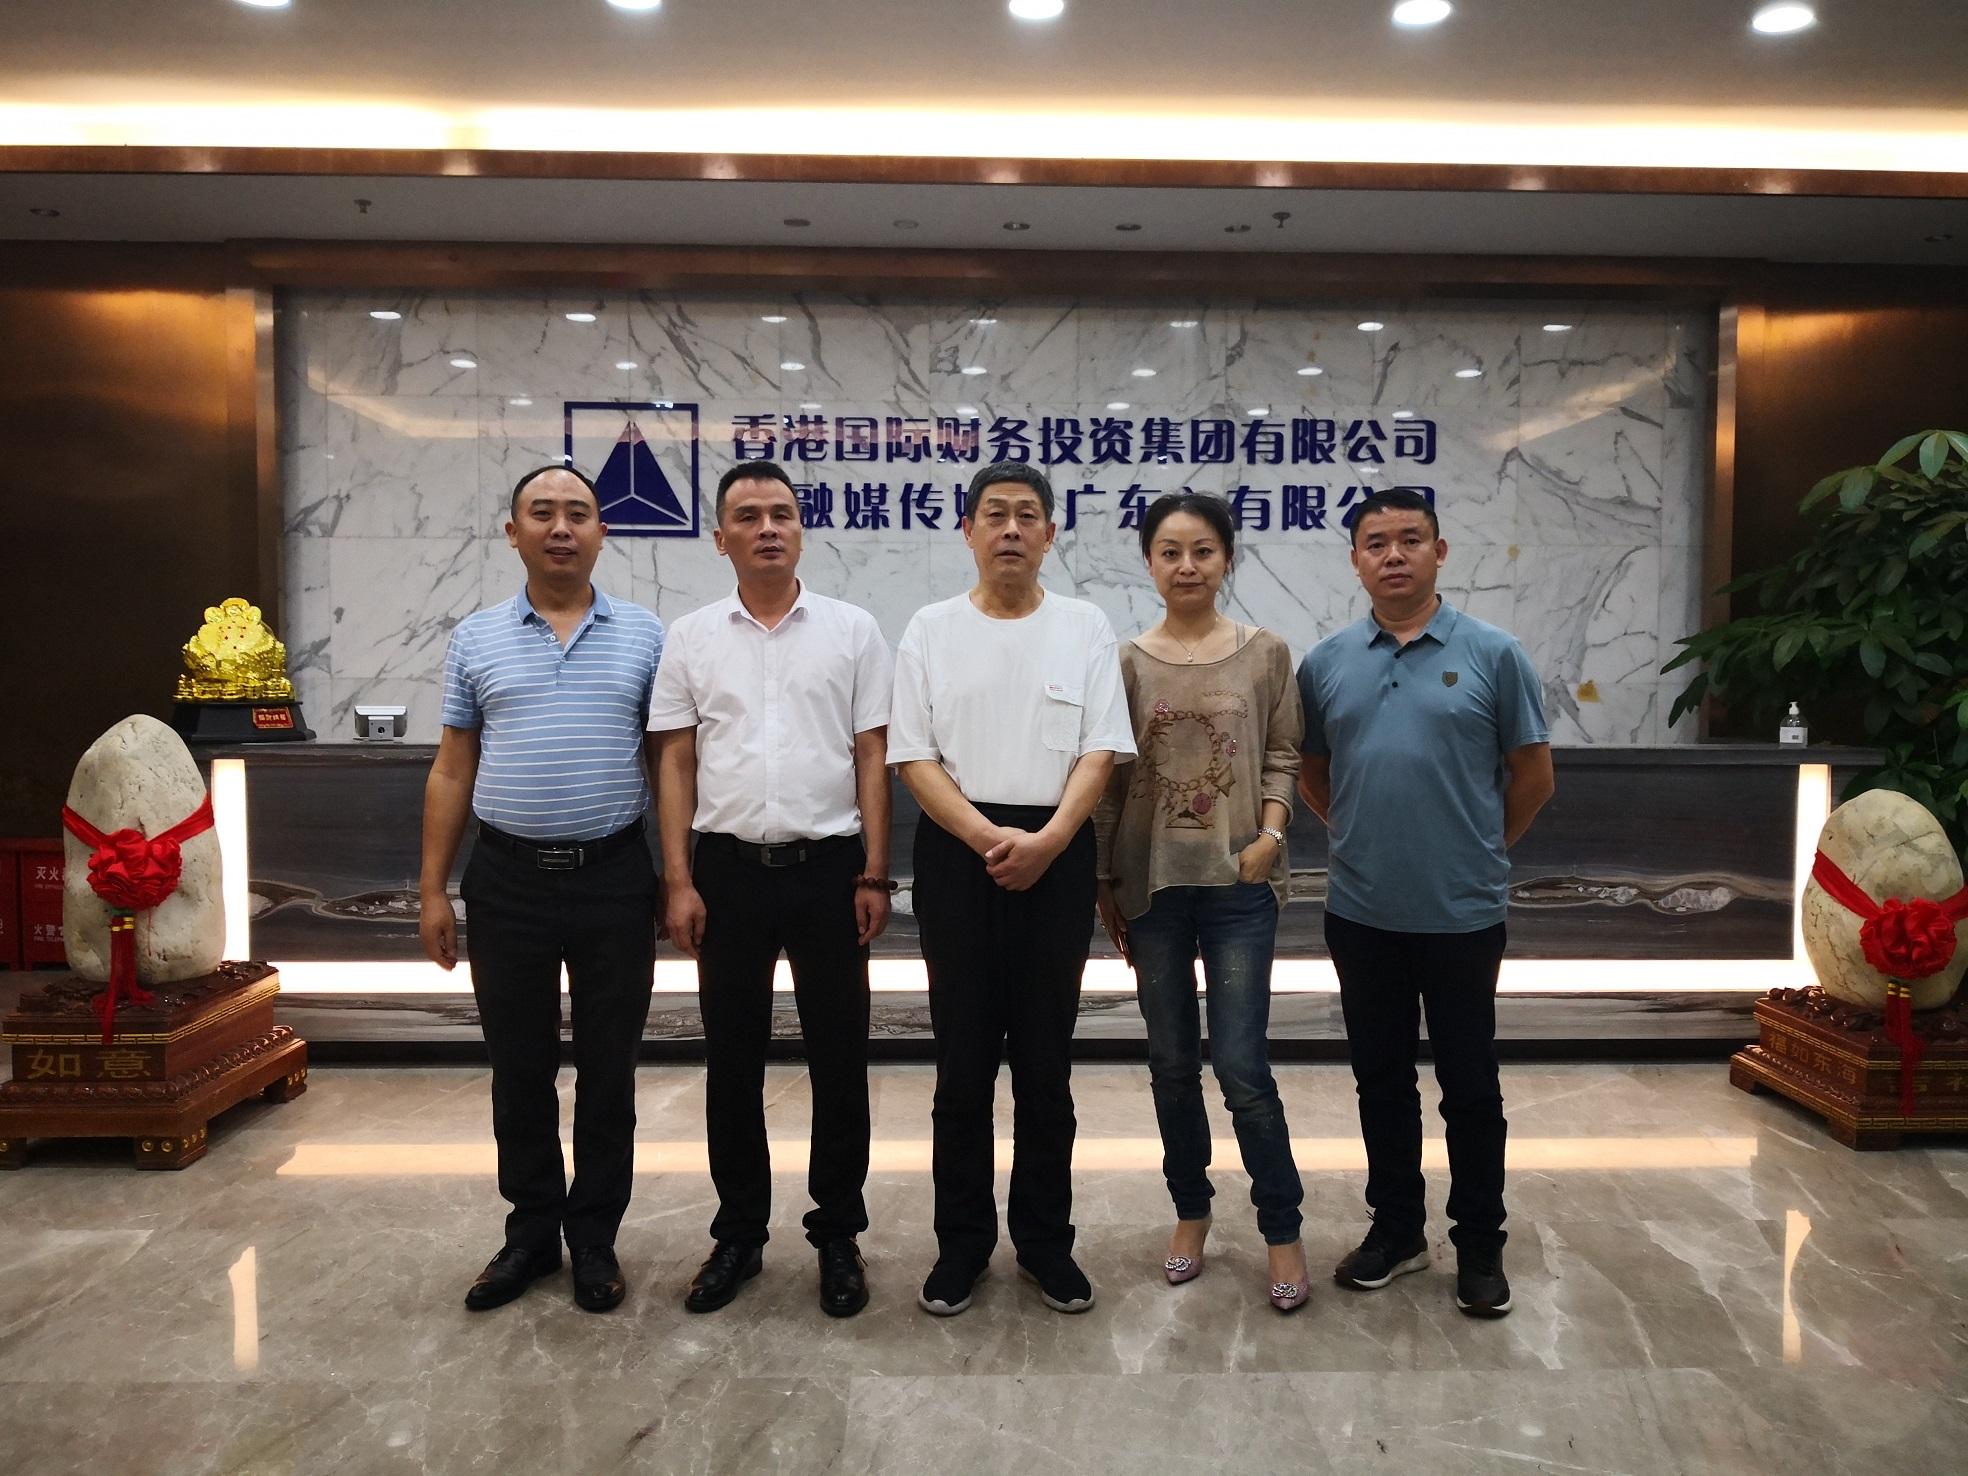 天融媒传媒将入驻杭州